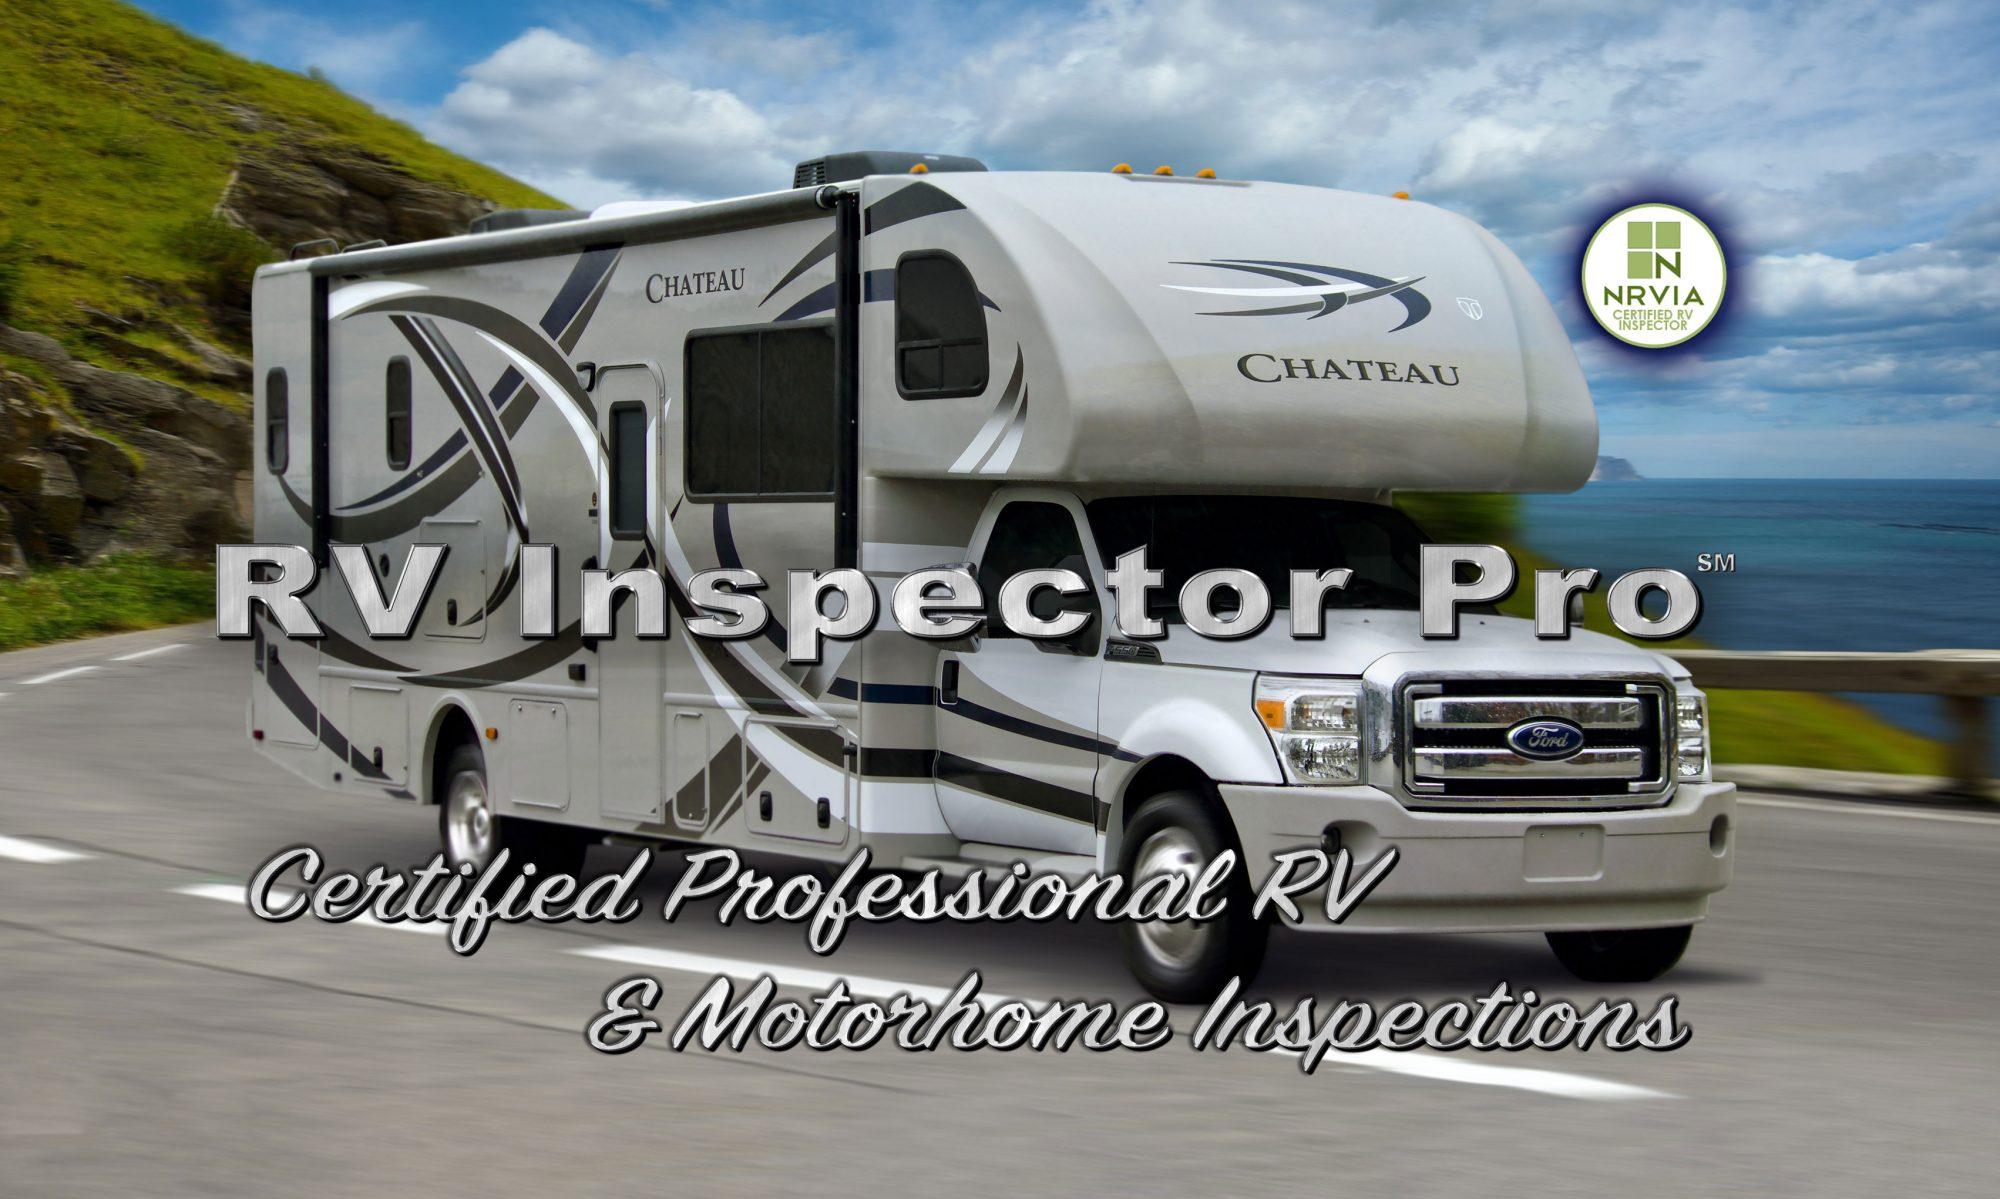 RV Inspector Pro